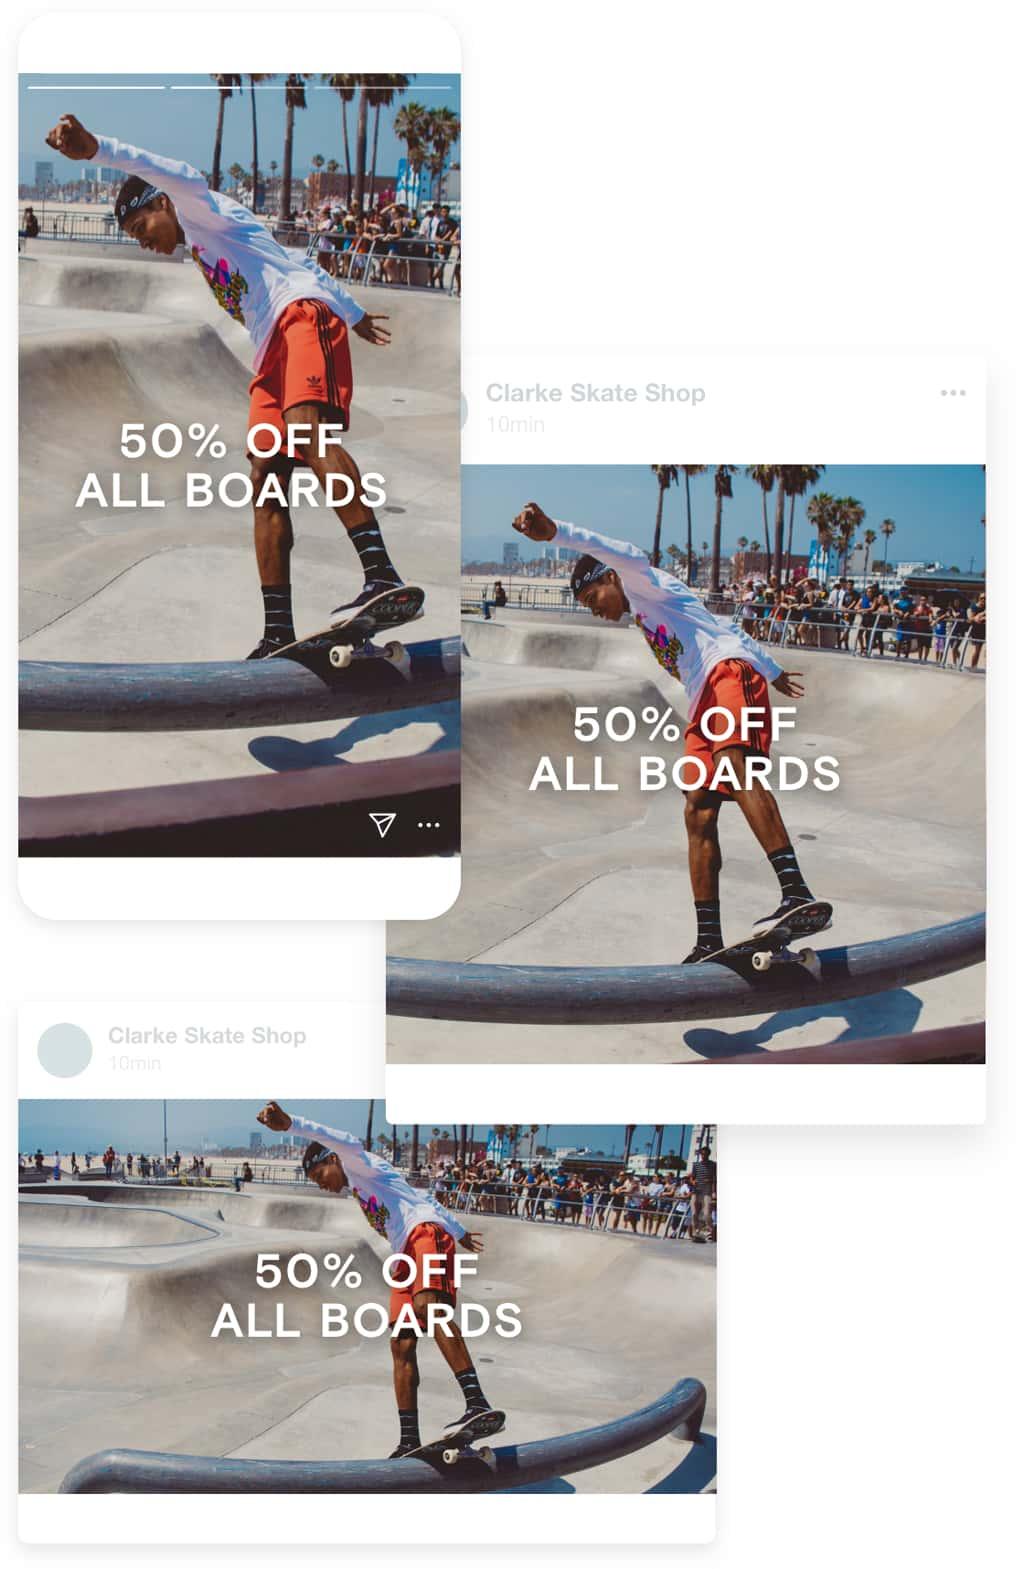 一组视频显示为社交媒体上的广告,包括Instagram Stories和Facebook帖子。